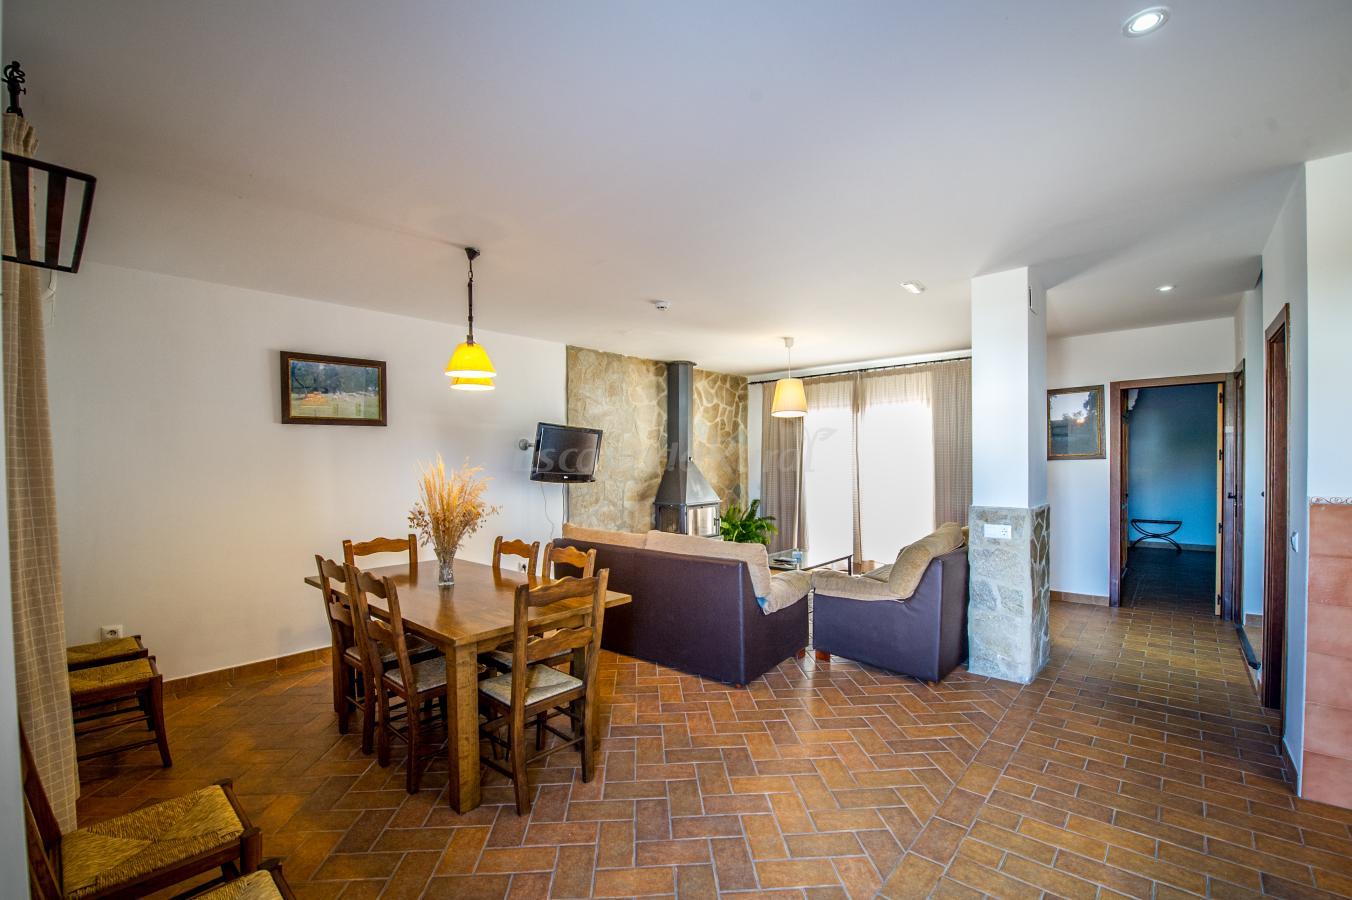 Fotos de apartamentos tur sticos rurales la venta del charco casa rural en venta del charco - Apartamentos turisticos la castilleja cordoba ...